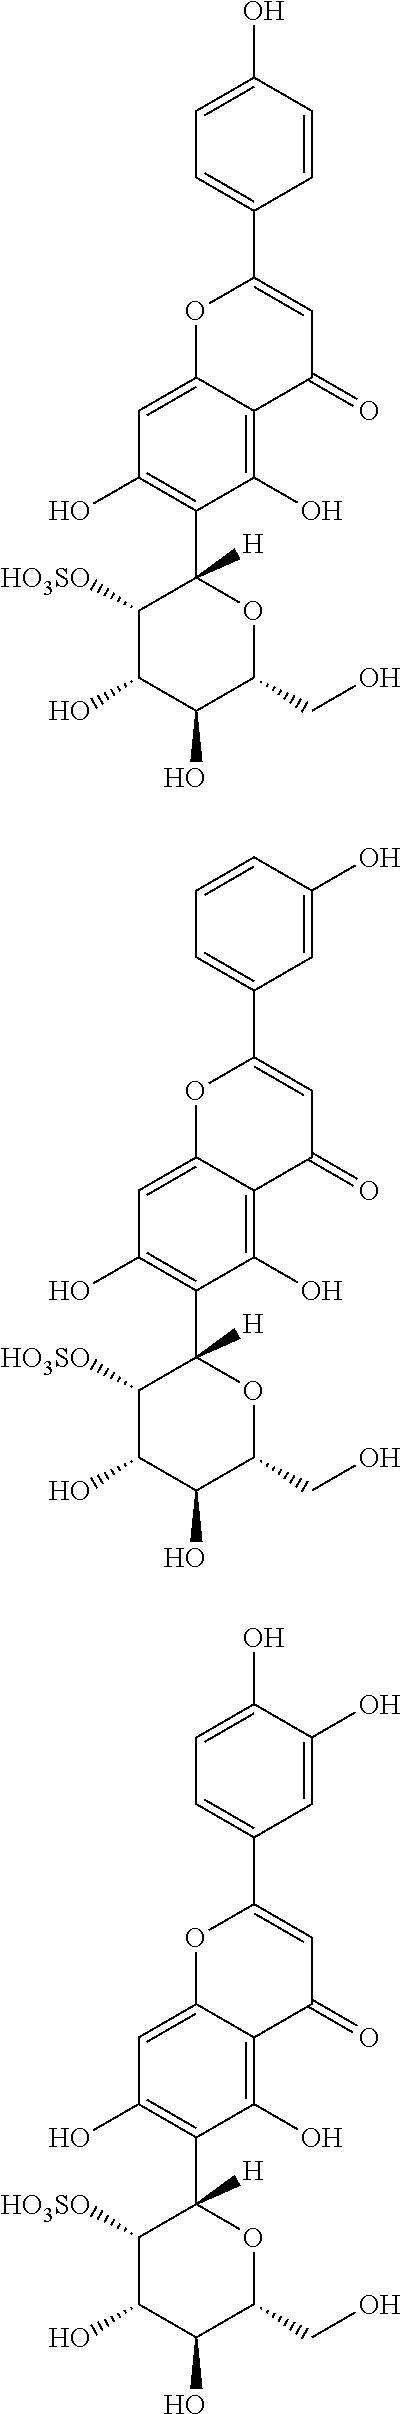 Figure US09962344-20180508-C00082